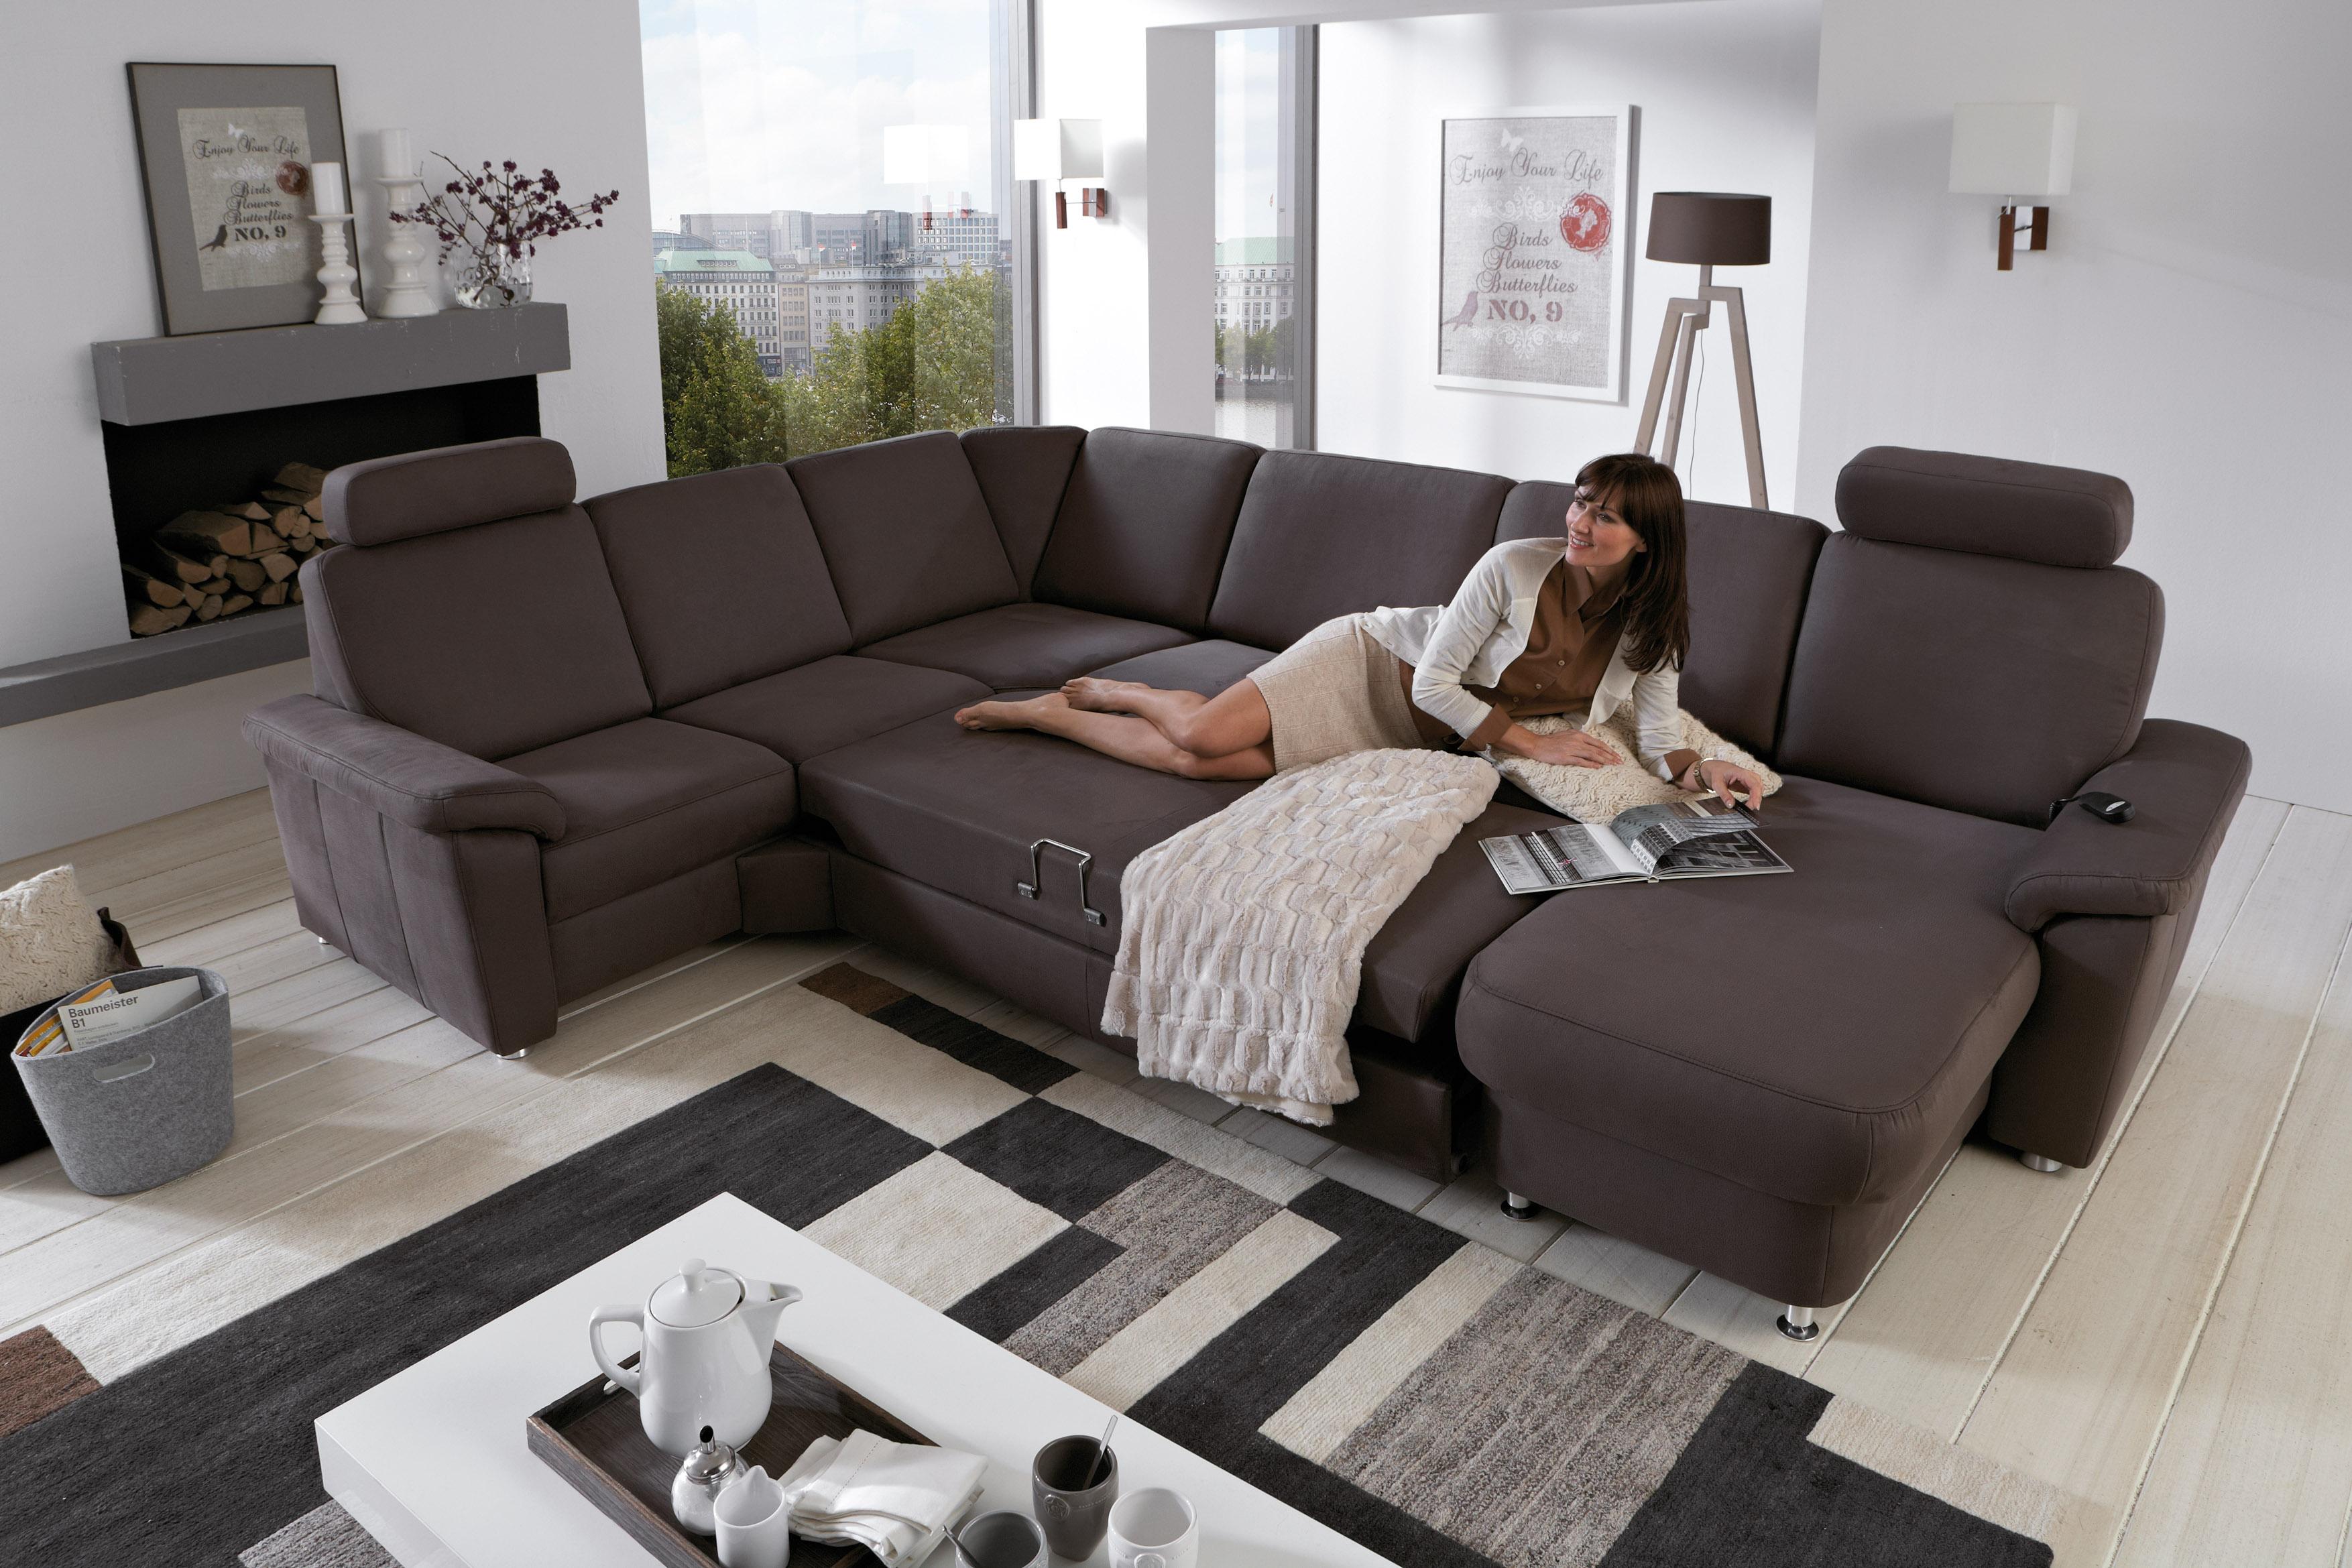 zehdenick polsterm bel wohnlandschaft triest braun m bel letz ihr online shop. Black Bedroom Furniture Sets. Home Design Ideas